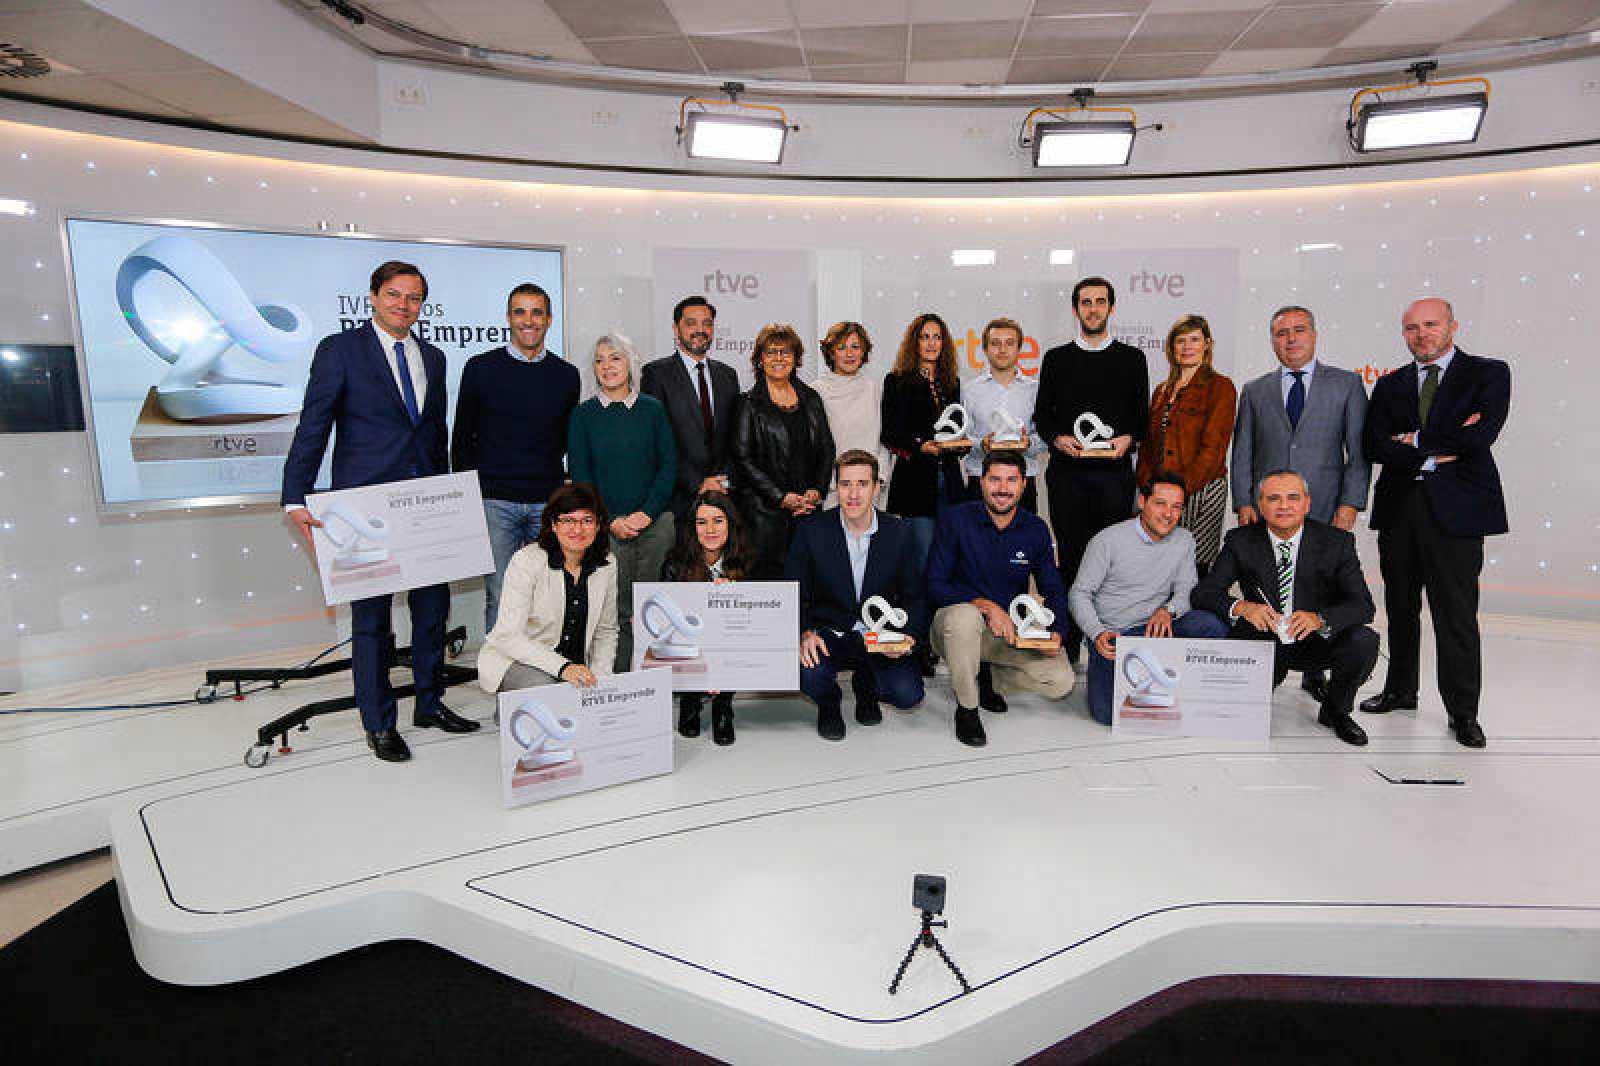 Ganadores y finalistas IV edición Premios Emprende